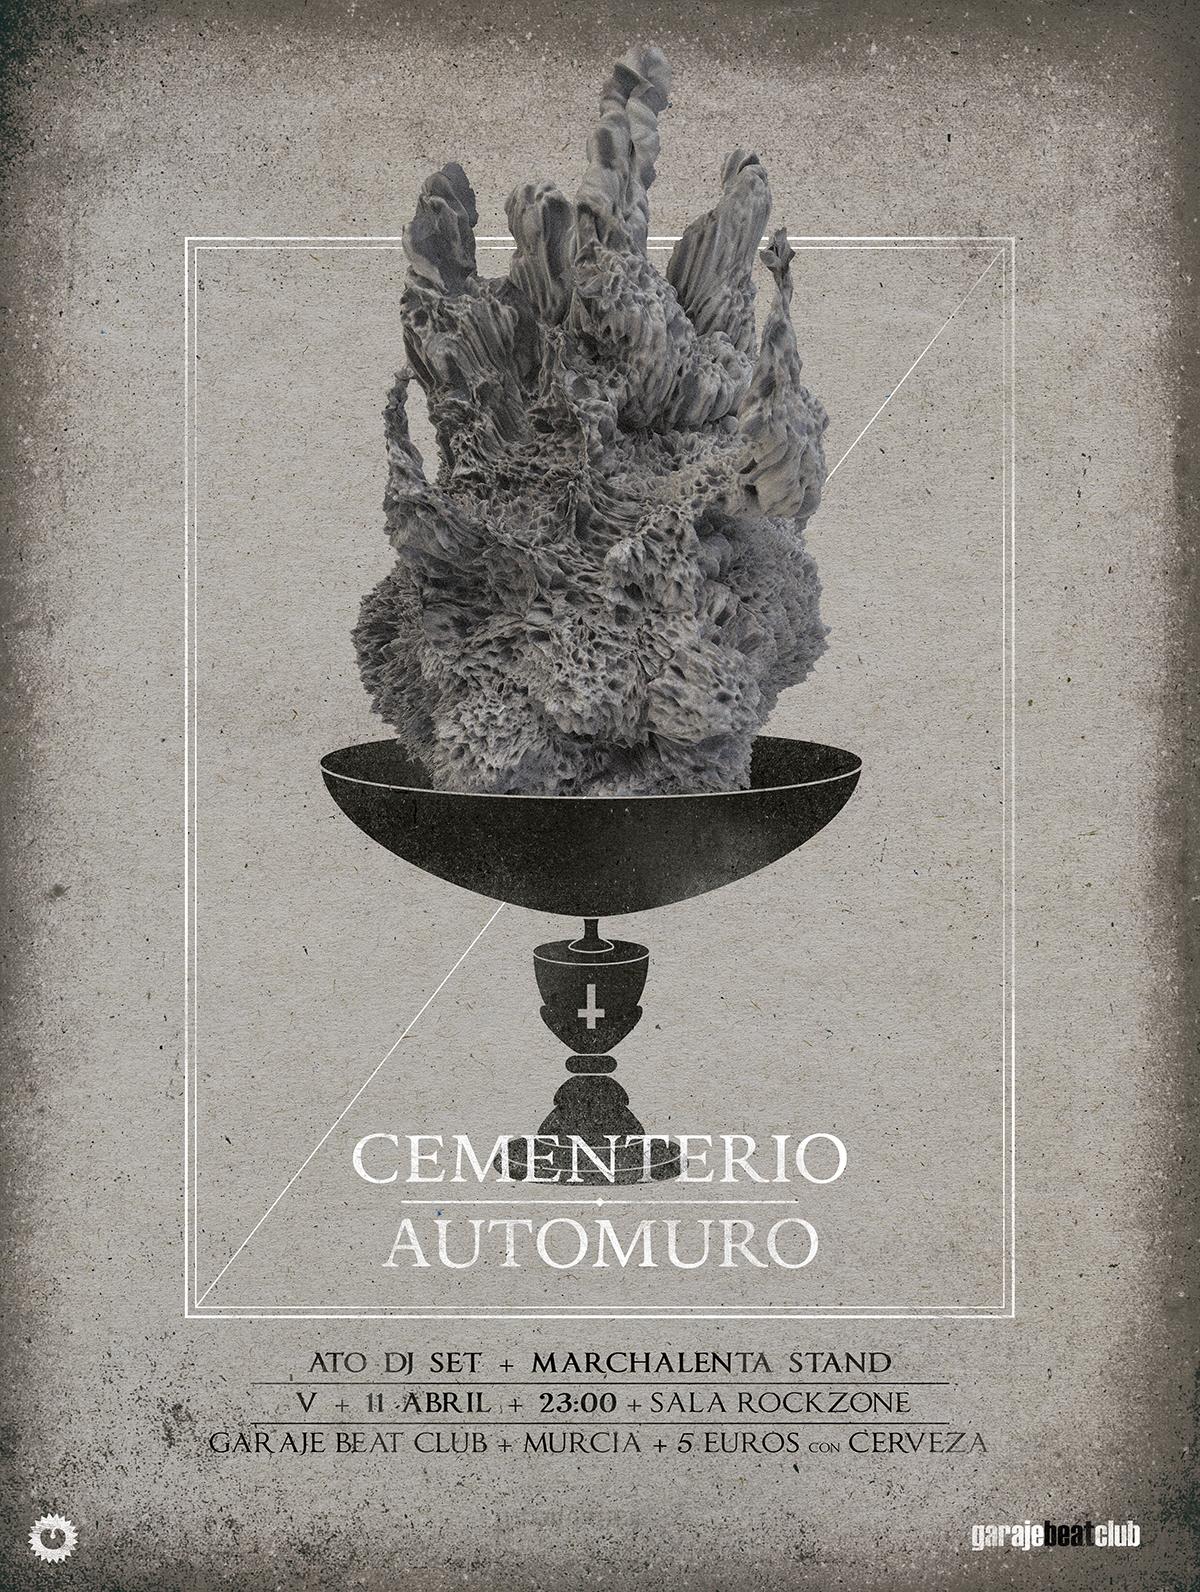 cementerio_cartel